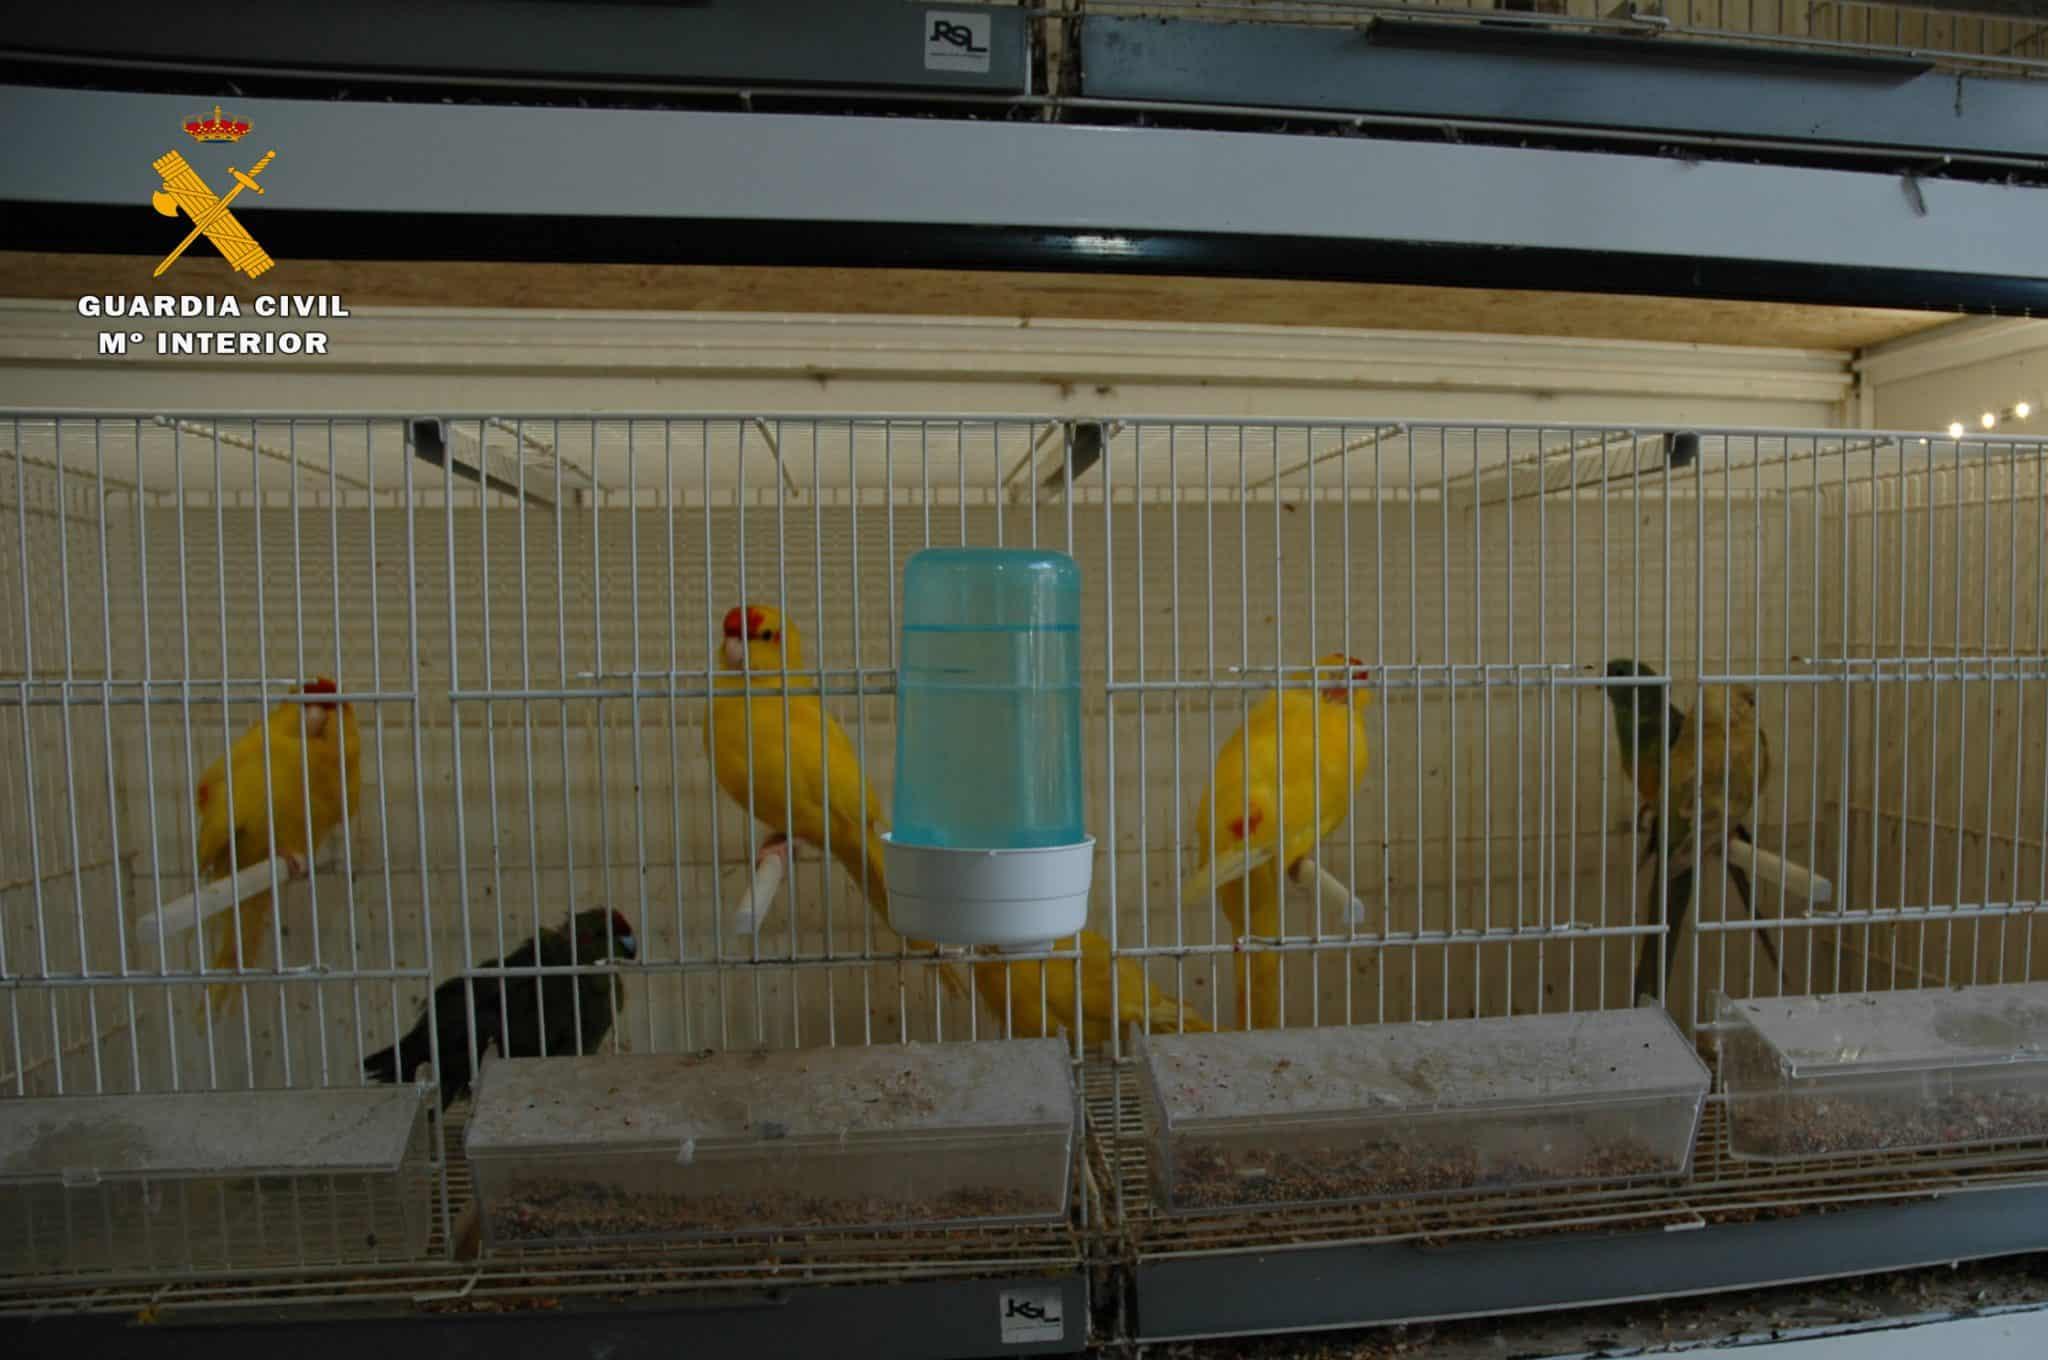 El Seprona interviene 13 aves exóticas en un establecimiento de Logroño 2